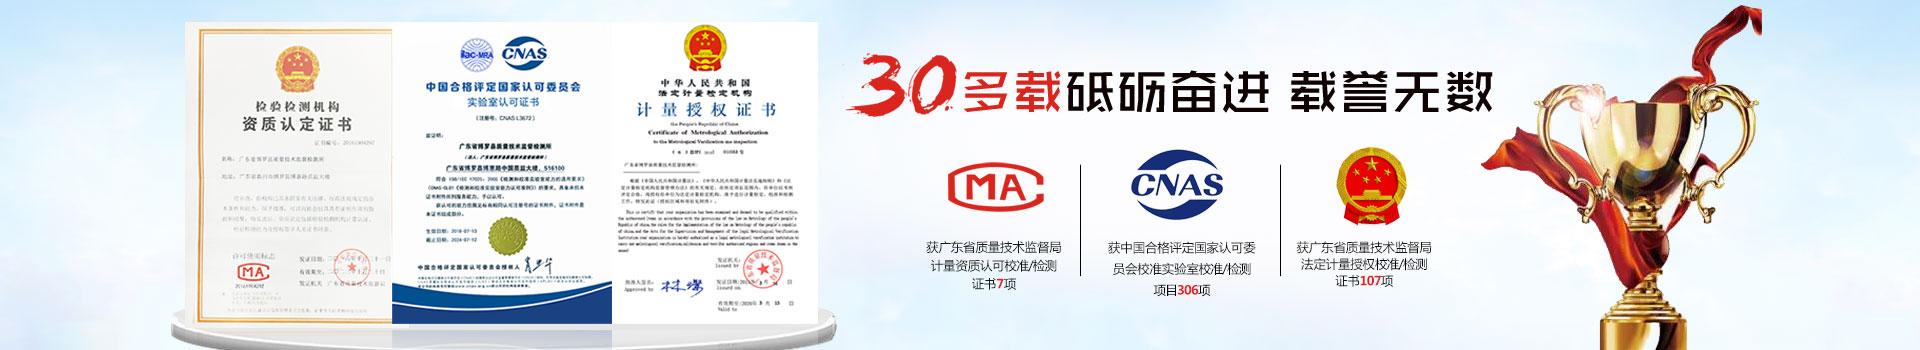 仪器校准校正技术服务选广东省质量技术监督局下属事业单位法定计